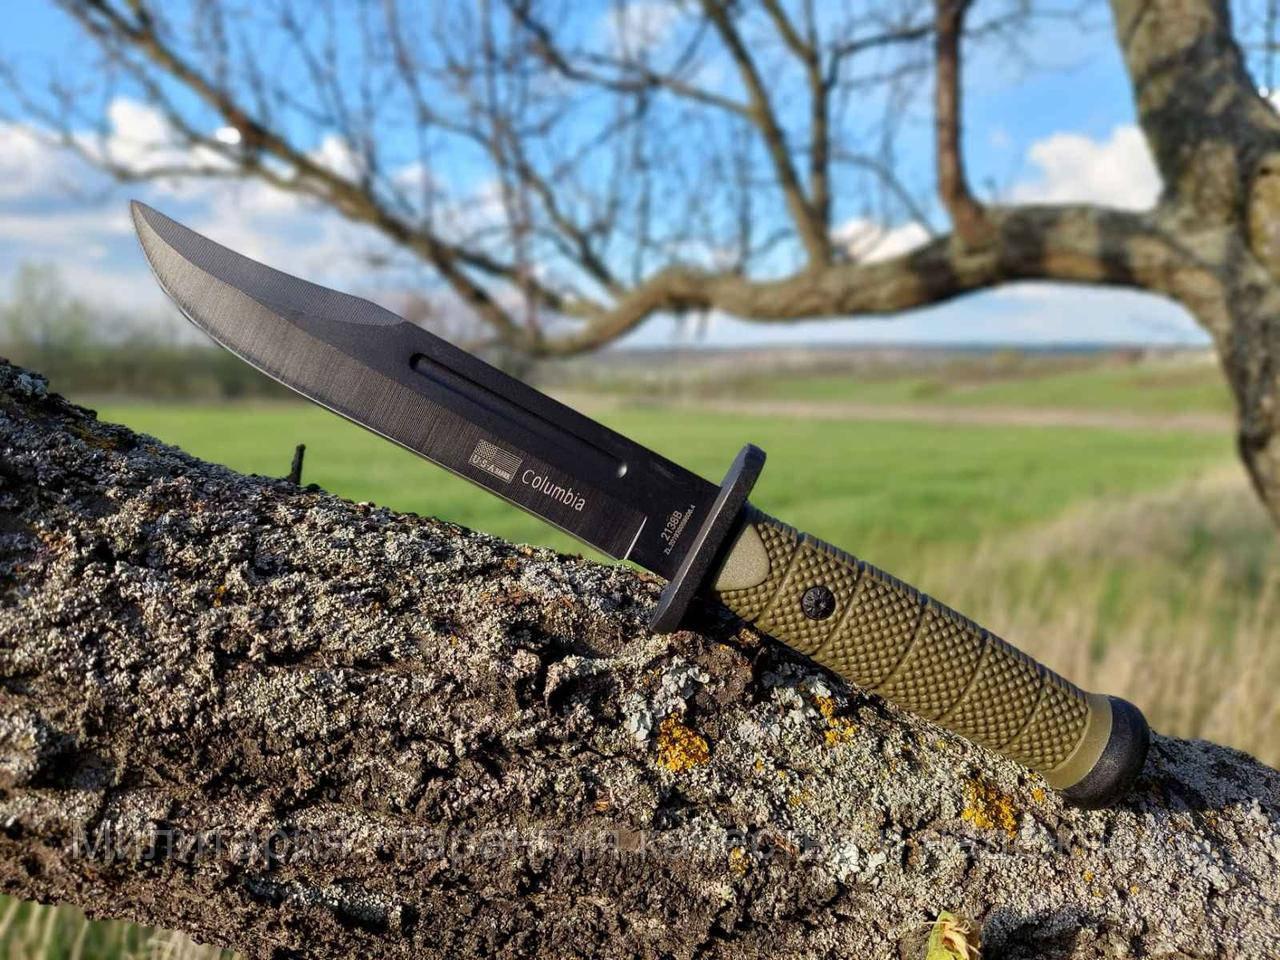 Ножи для охоты, рыбалки и туризма Columbia охотничий тактический военный армейский большой нож 2138B